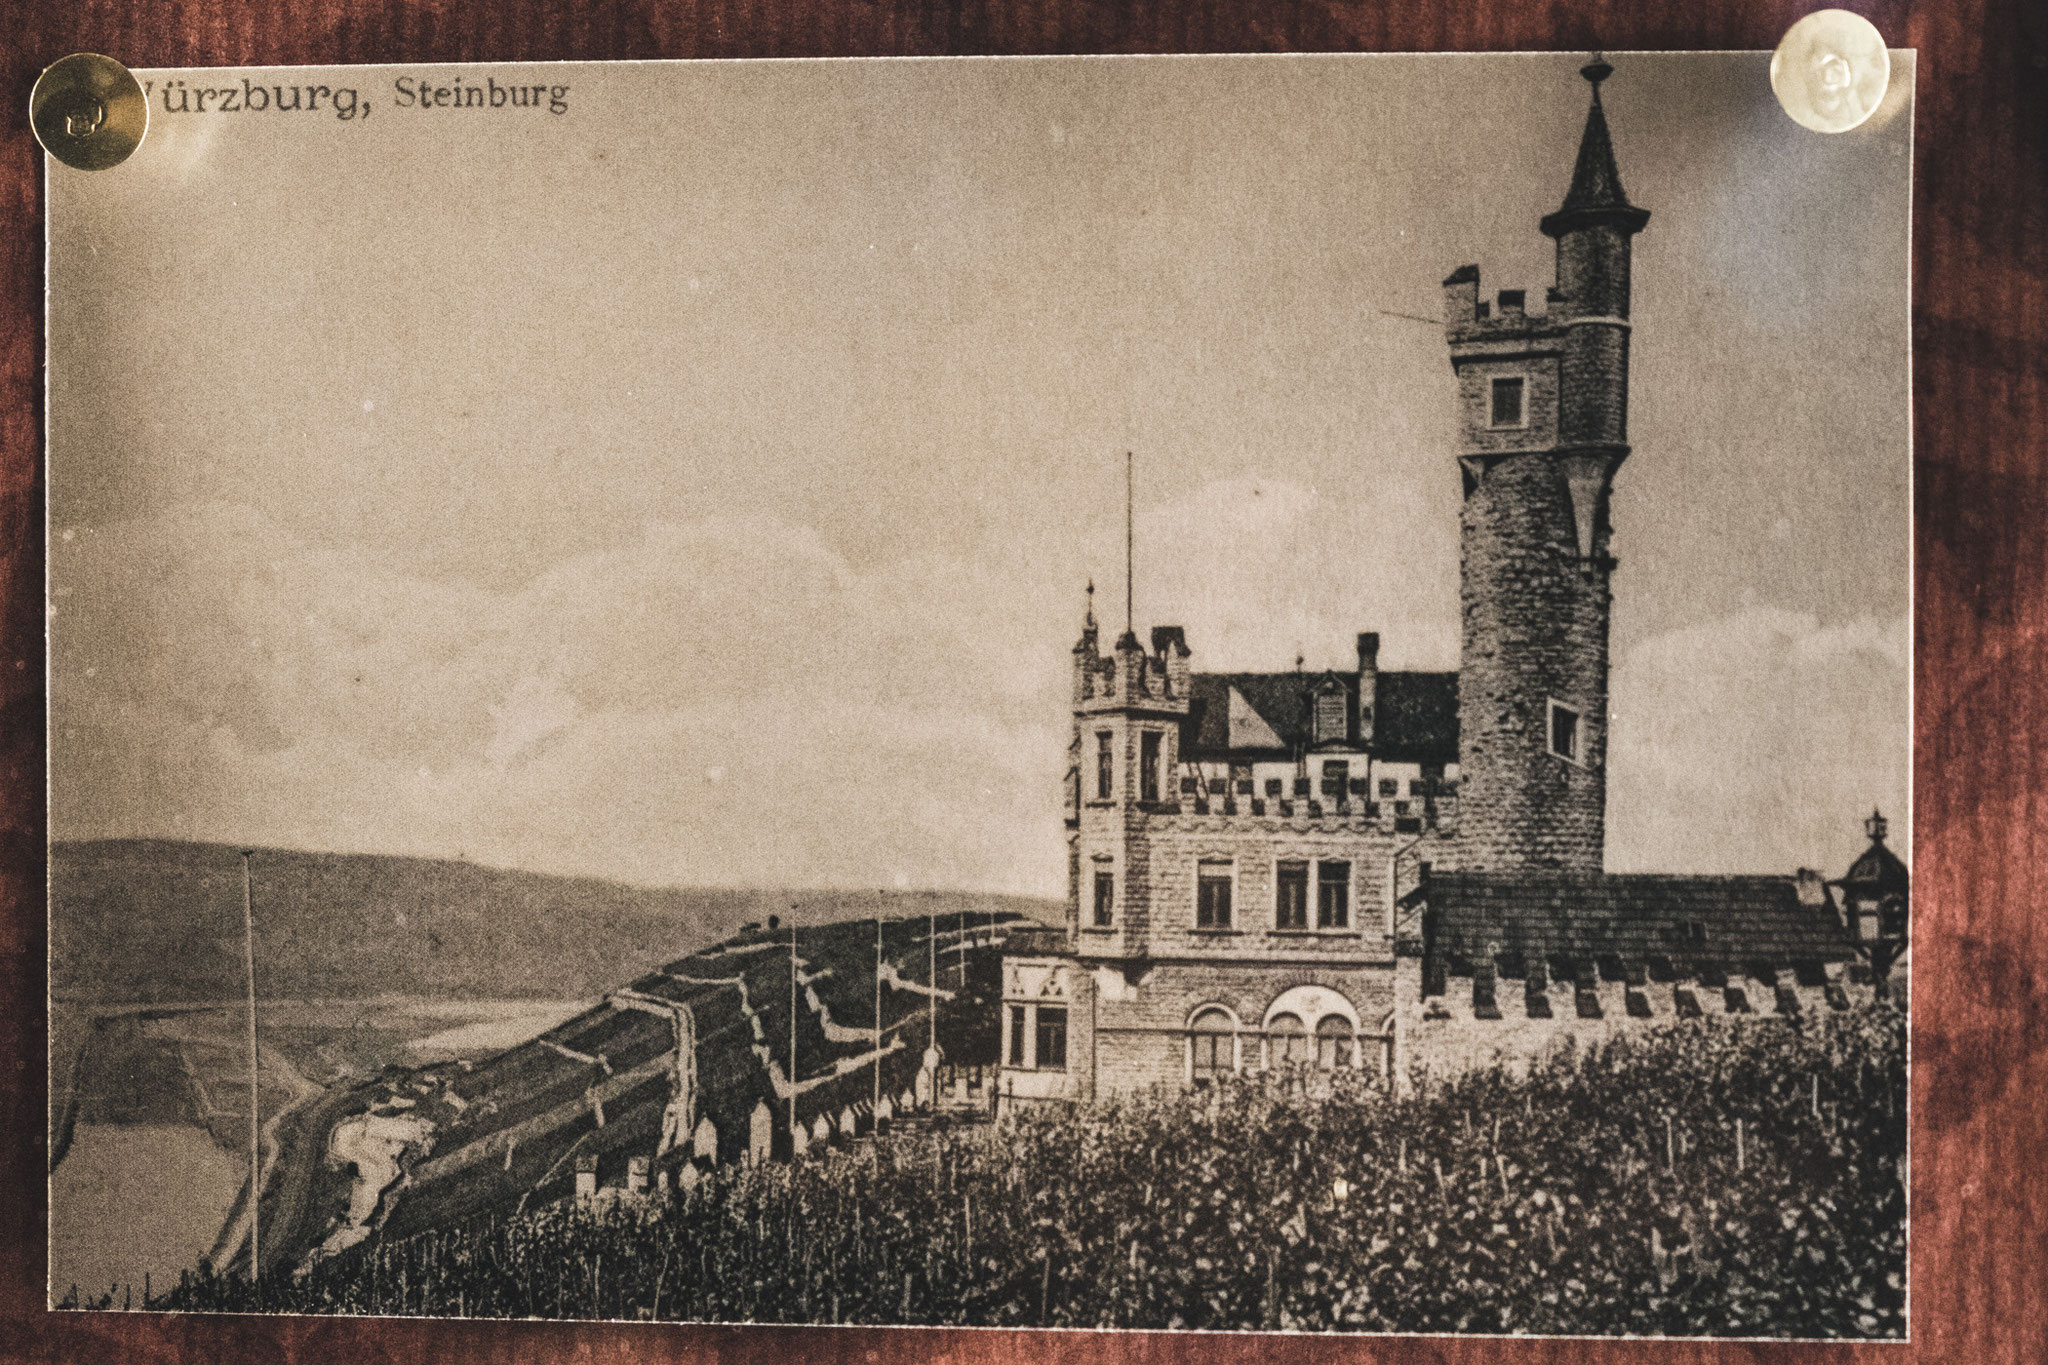 Schlosshotel-Steinburg